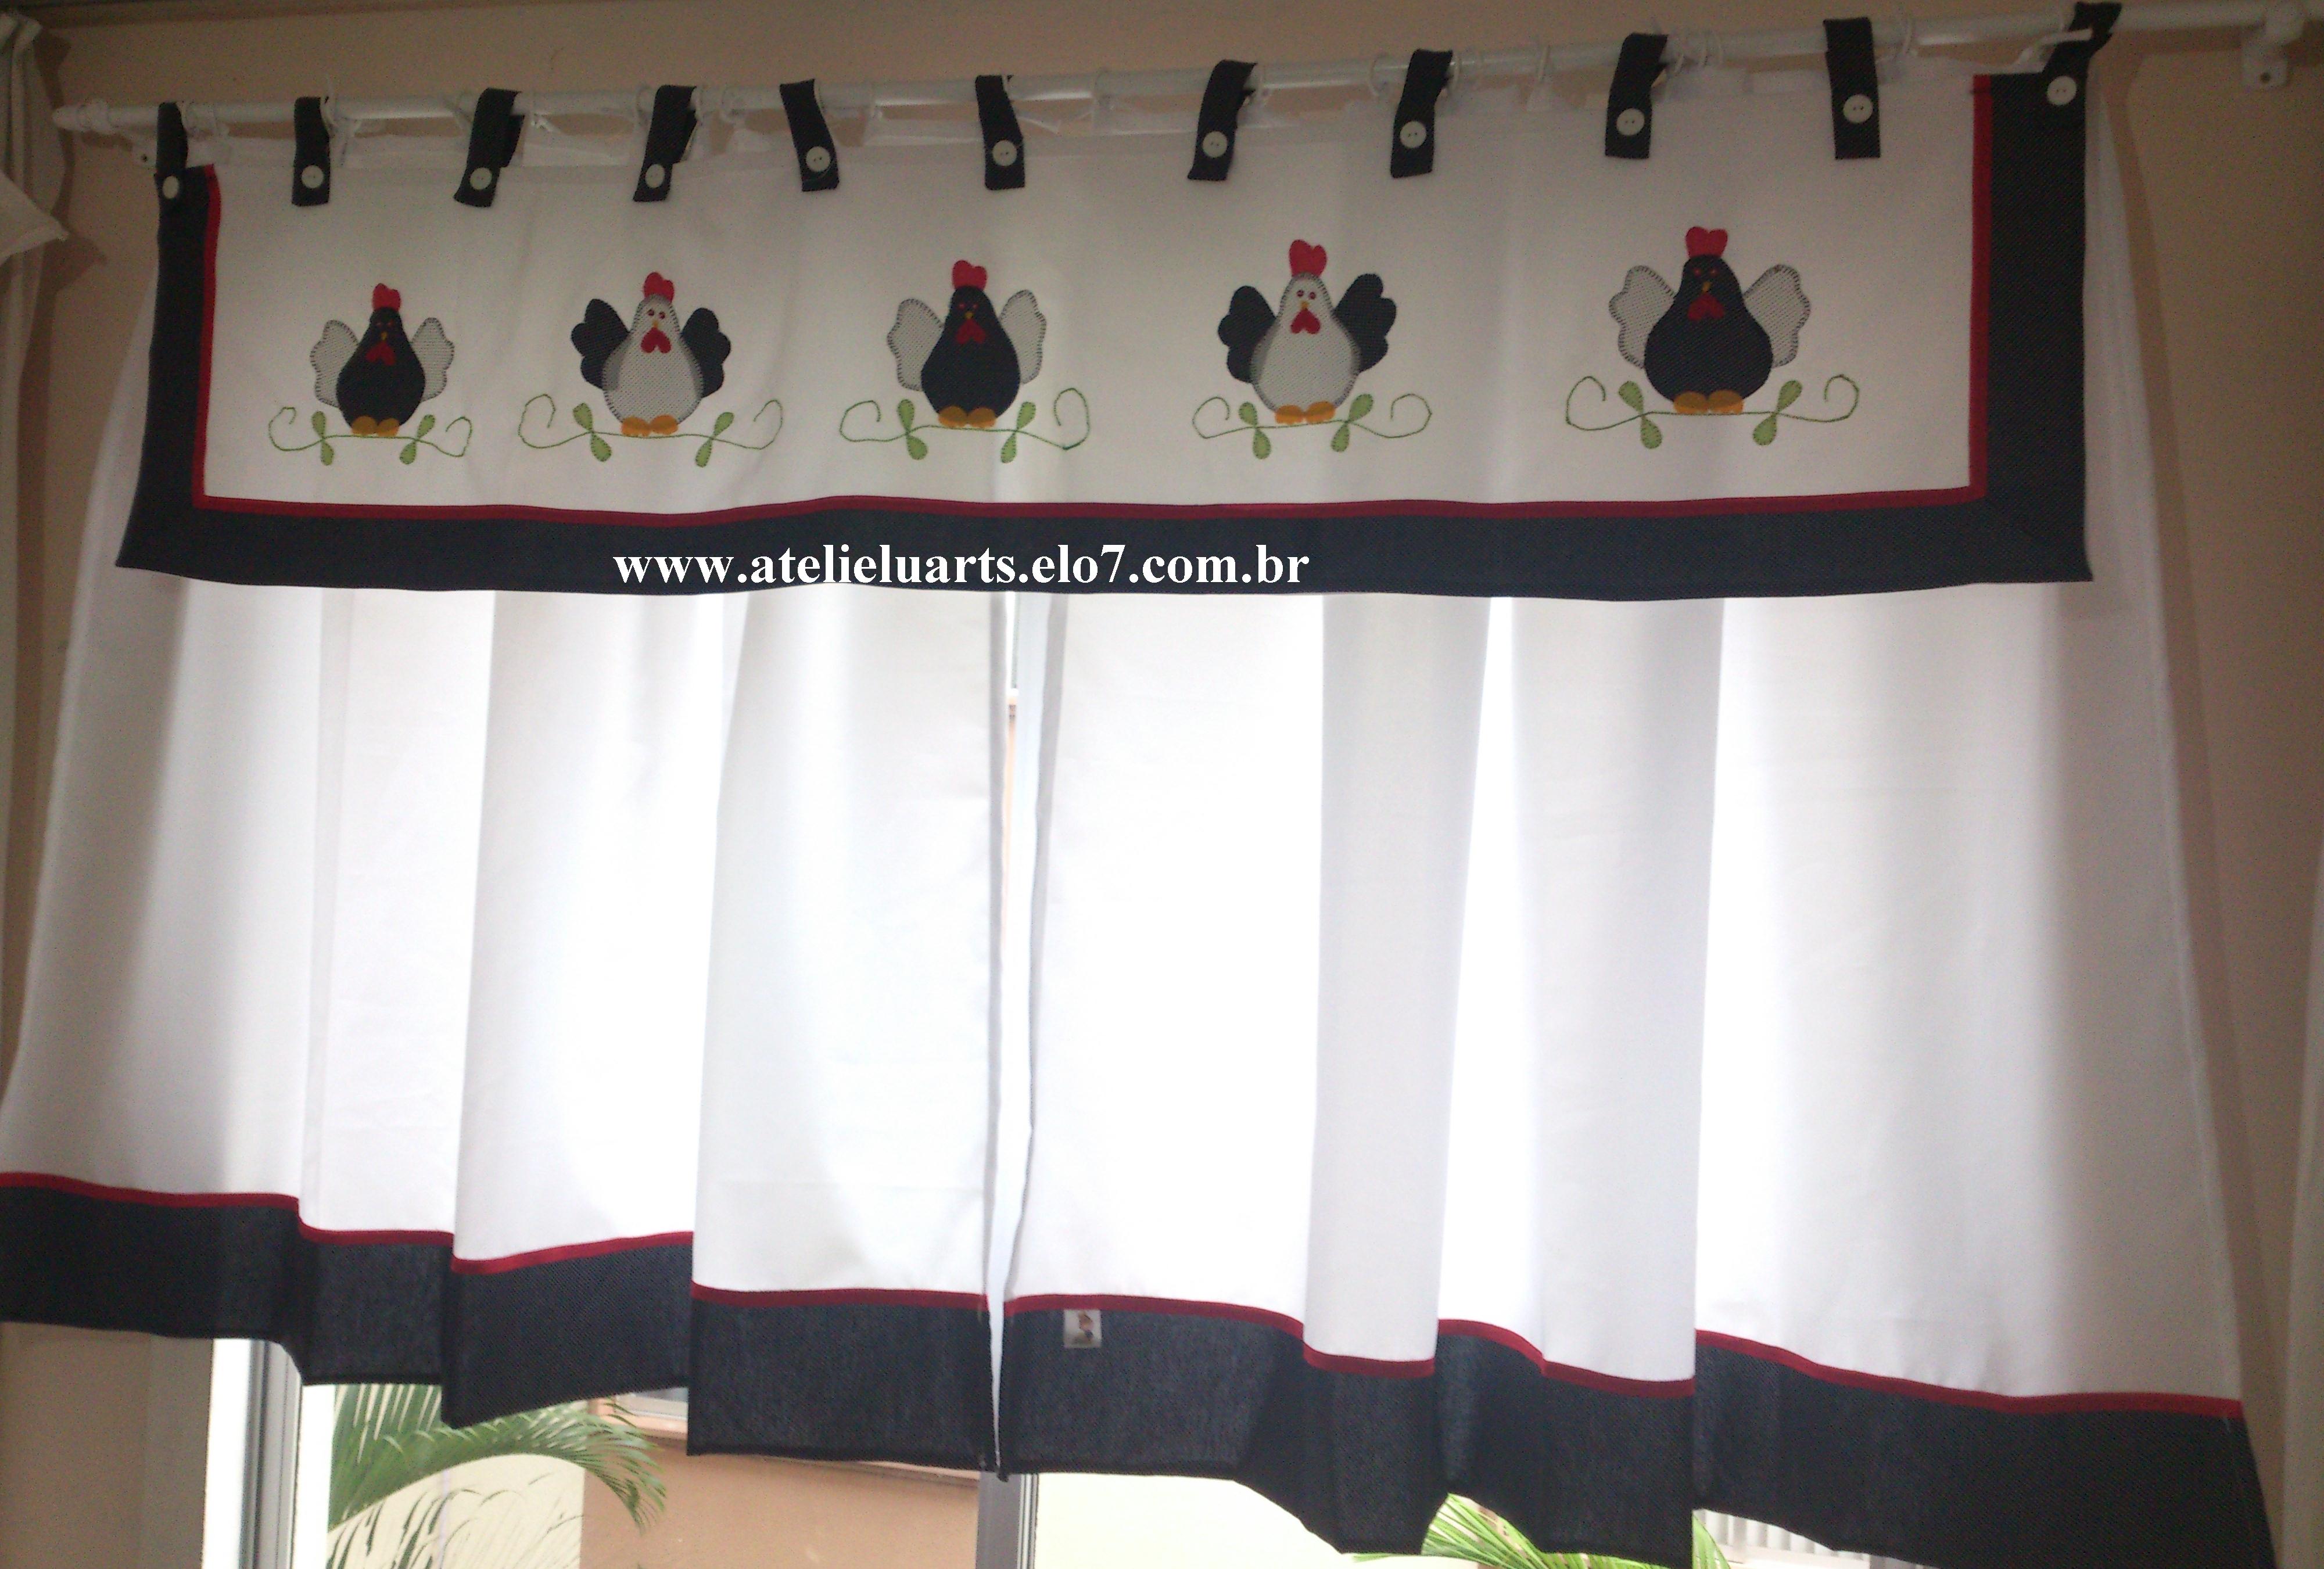 Image of: Cortina E Bando Para Cozinha No Elo7 Atelie Luarts 3db992